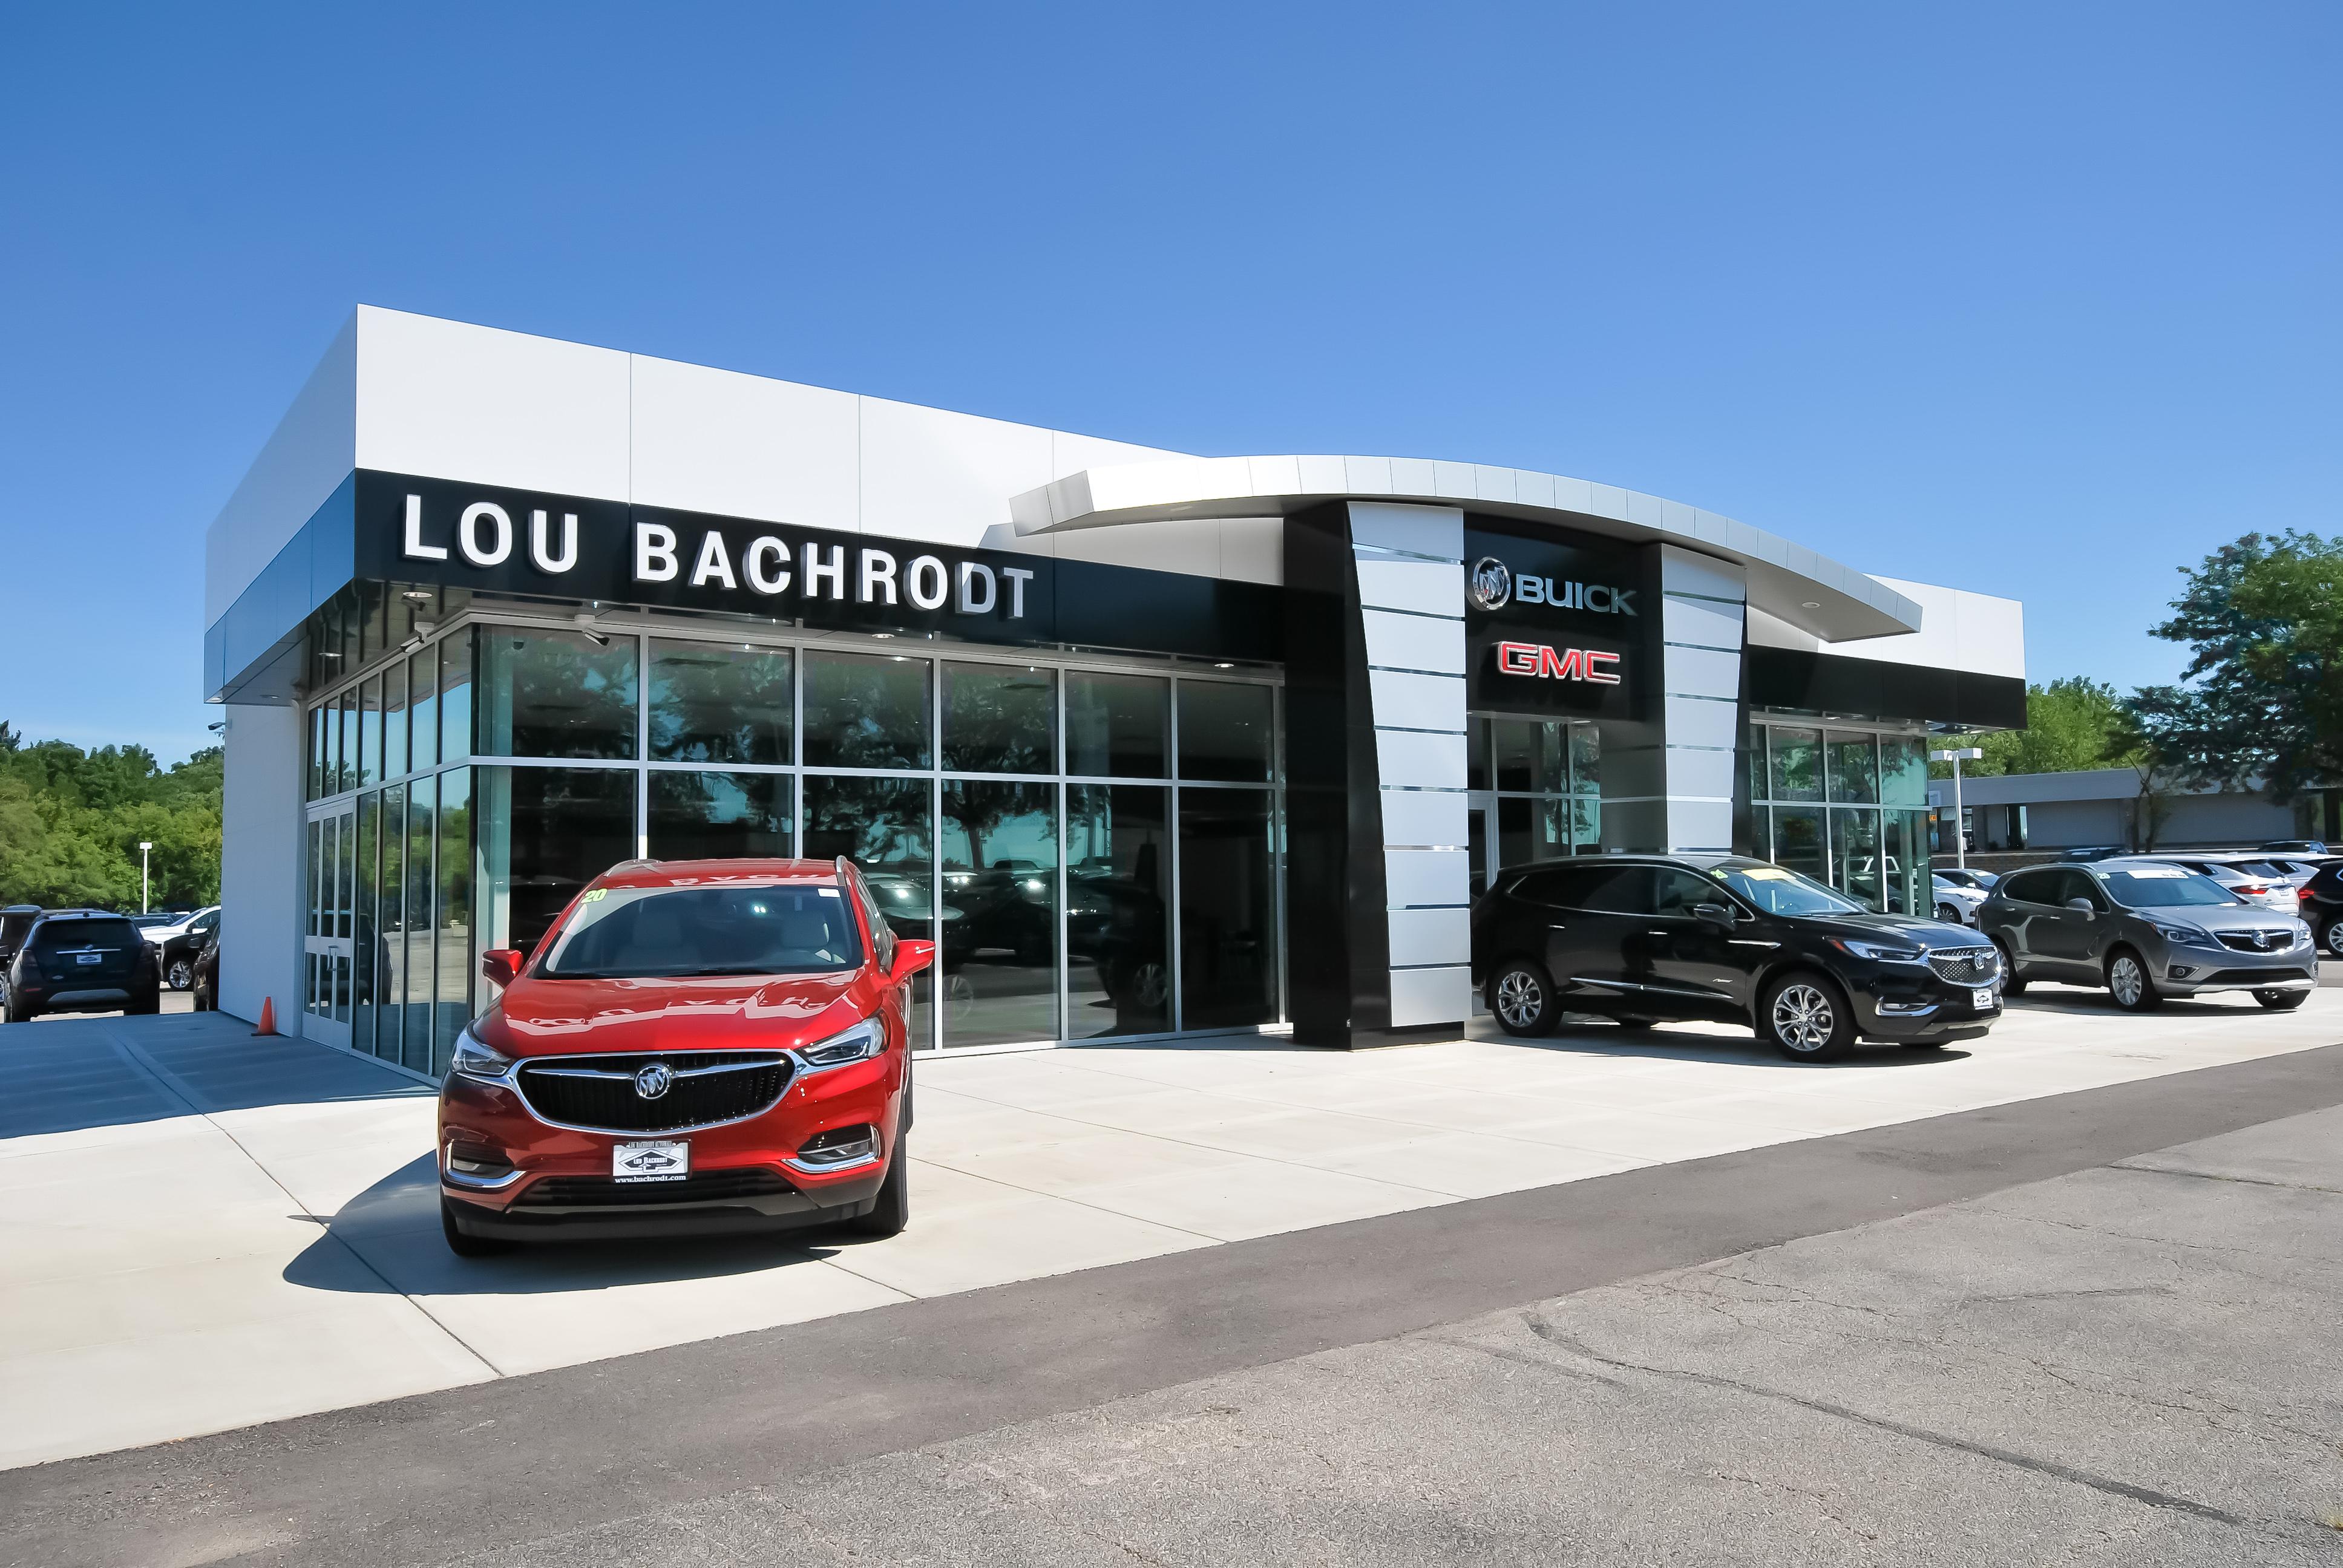 Lou Bachrodt